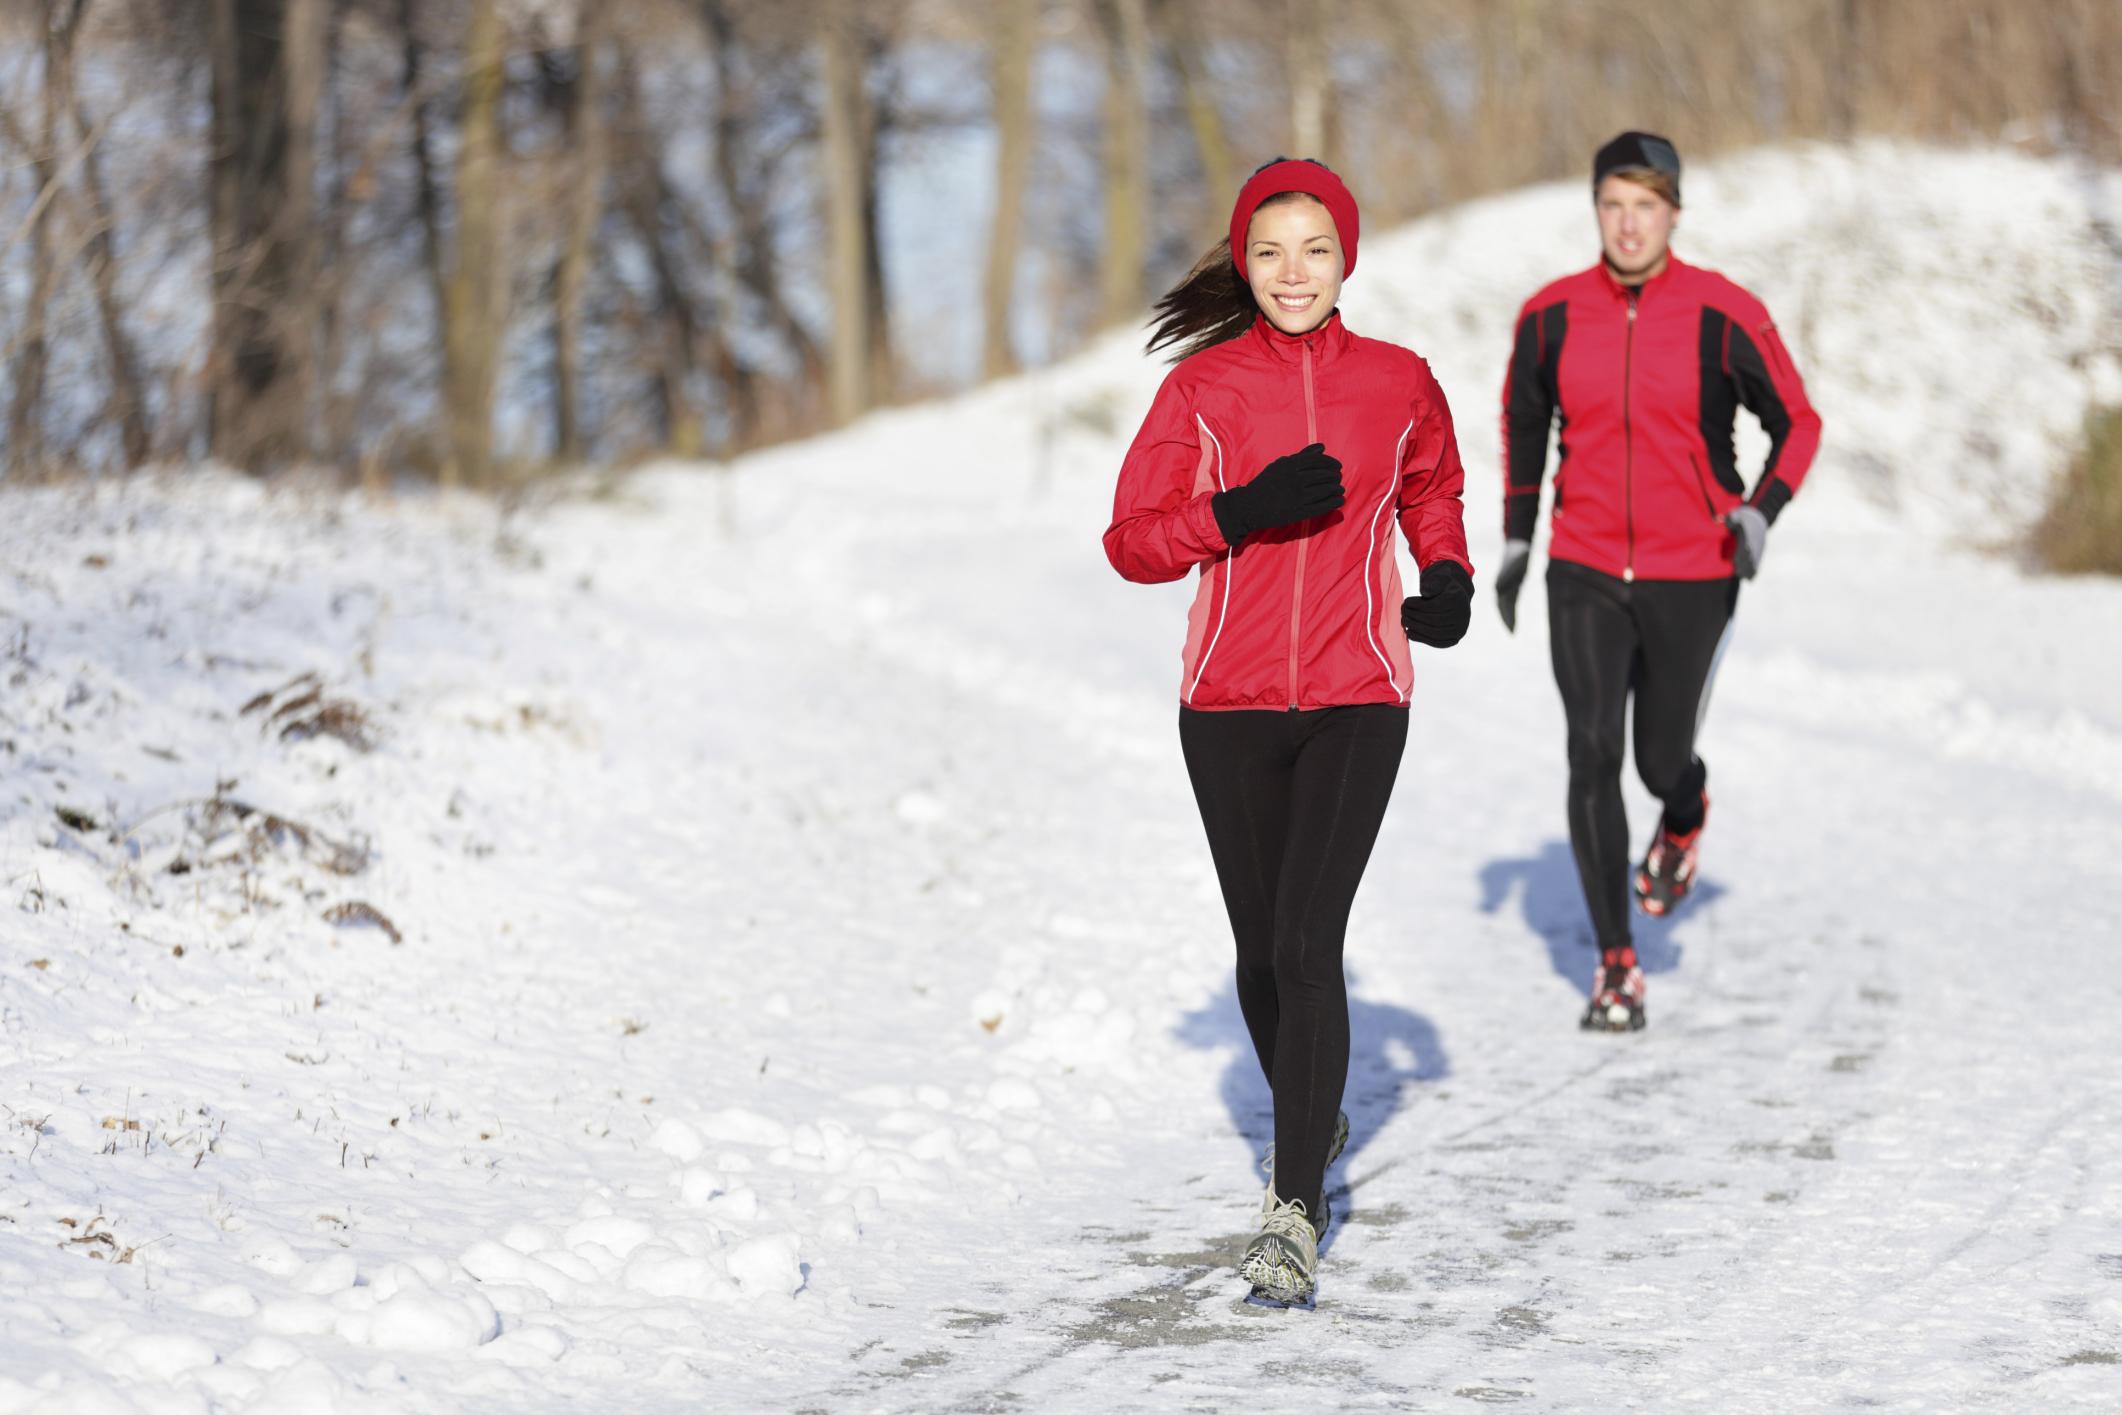 دویدن در هوای سرد مفید است یا مضر؟!